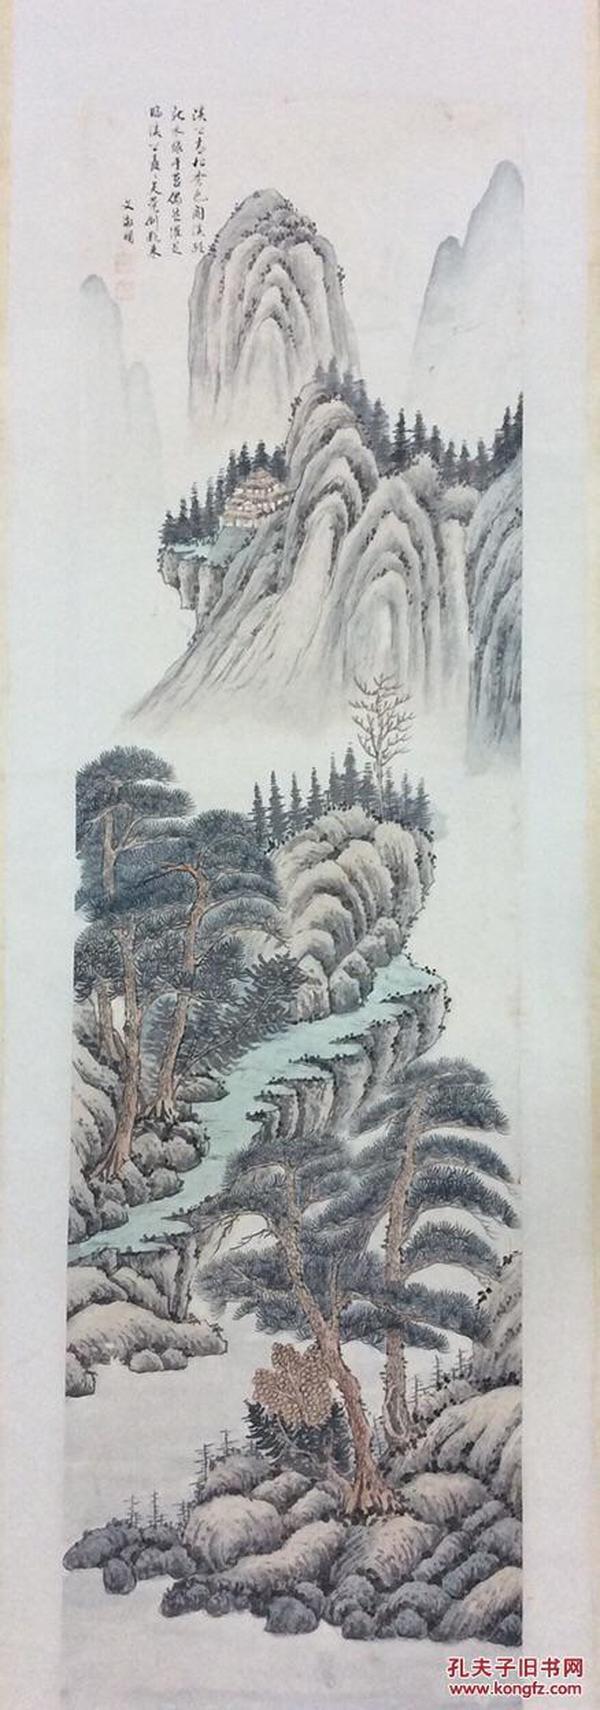 文征明书画〈工艺美术〉图片